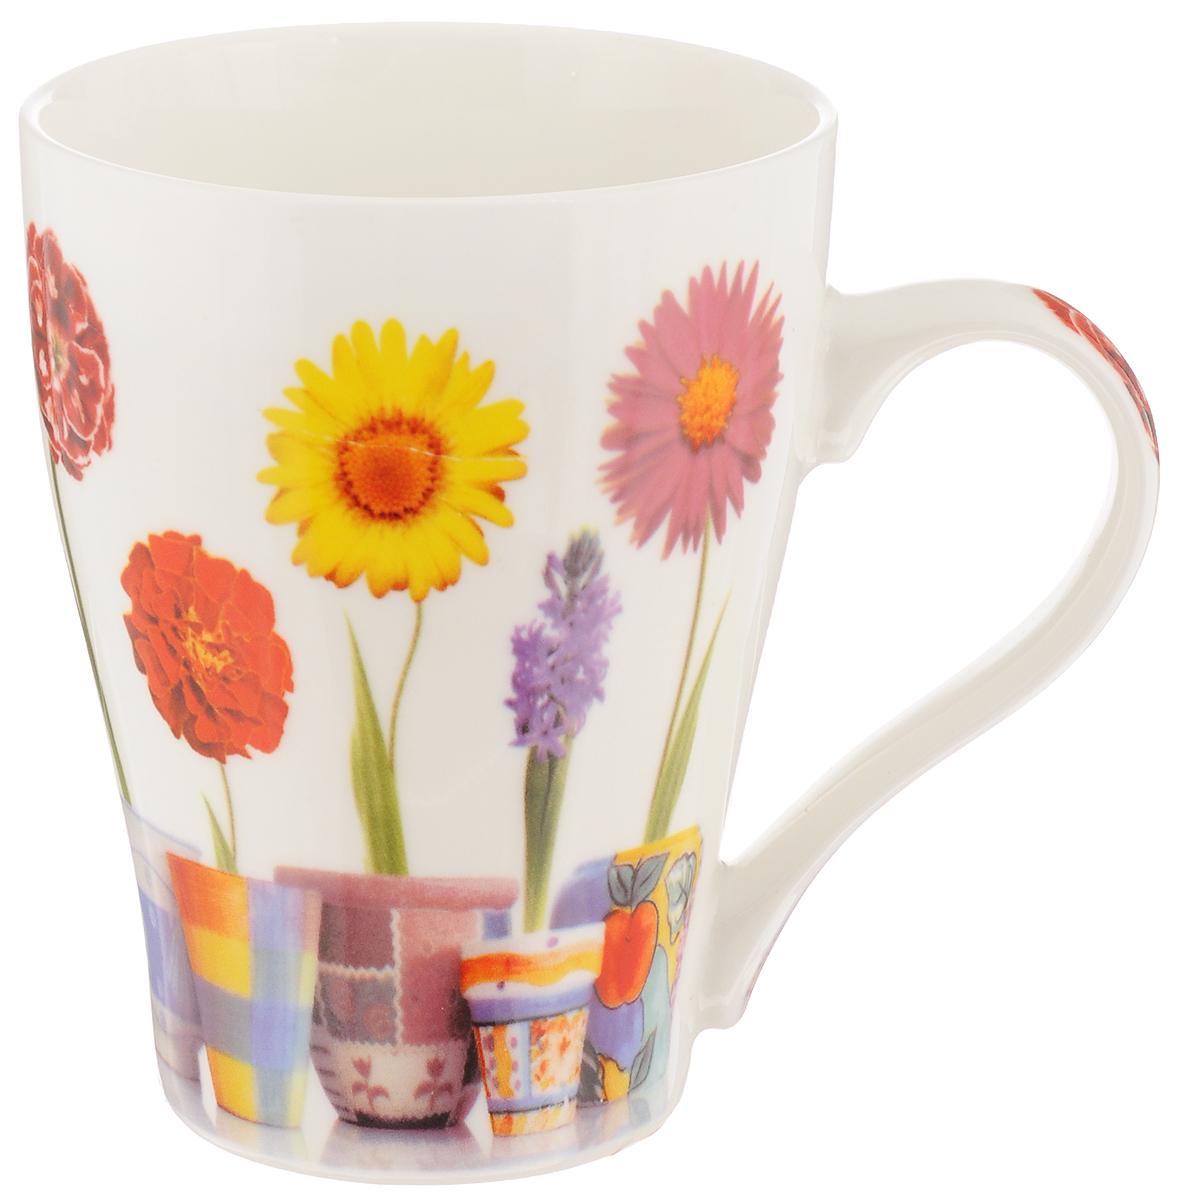 Кружка Liling Quanhu Первые цветы, цвет: белый, желтый, красный, 350 млLQB66-K02_Жёлтый/красныйКружка Liling Quanhu Первые цветы изготовлена из прочного качественного фарфора и оформлена красочным цветочным рисунком. Изделие отлично сохраняет температуру содержимого - морозной зимой кружка будет согревать вас горячим чаем, а знойным летом, напротив, радовать прохладными напитками. Изящный дизайн придется по вкусу и ценителям классики, и тем, кто предпочитает утонченность и изысканность. Такой аксессуар создаст атмосферу тепла и уюта, настроит на позитивный лад и подарит хорошее настроение с самого утра. Это оригинальное изделие идеально подойдет в подарок близкому человеку. Можно использовать в СВЧ и мыть в посудомоечной машине. Диаметр (по верхнему краю): 8 см. Высота кружки: 10,5 см.